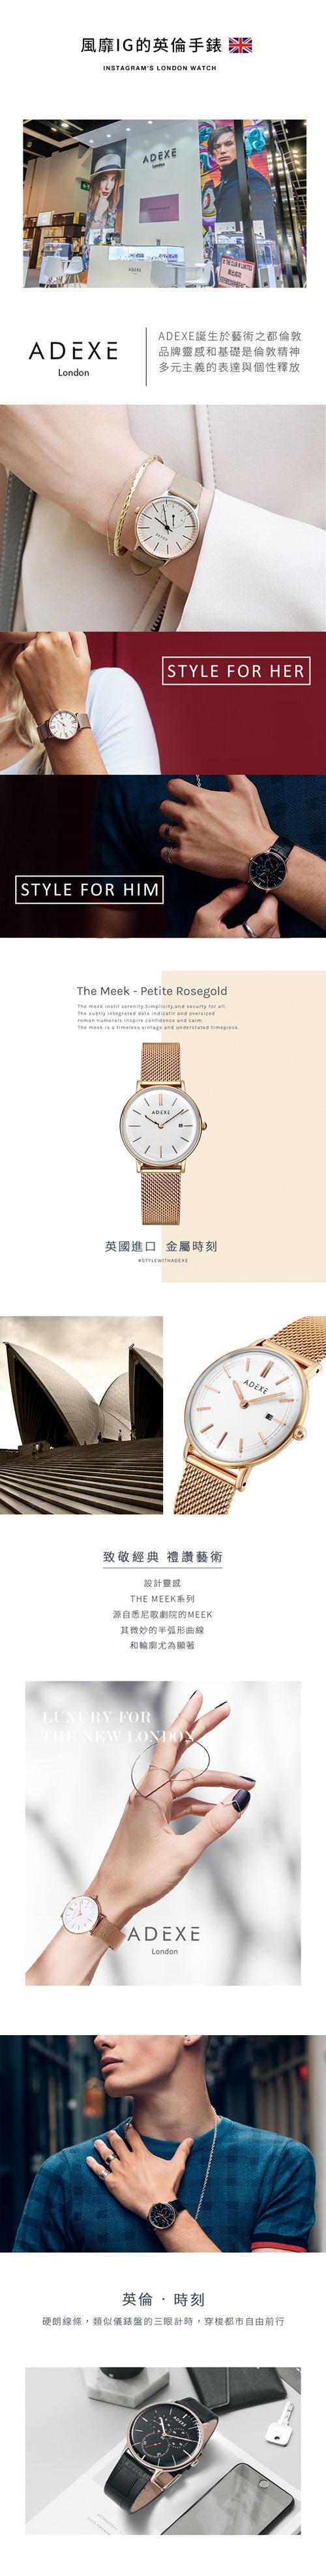 (複製)Elie Beaumont|英國時尚手錶 牛津米蘭錶帶系列 玫瑰金錶盤錶框x銀色錶帶33mm